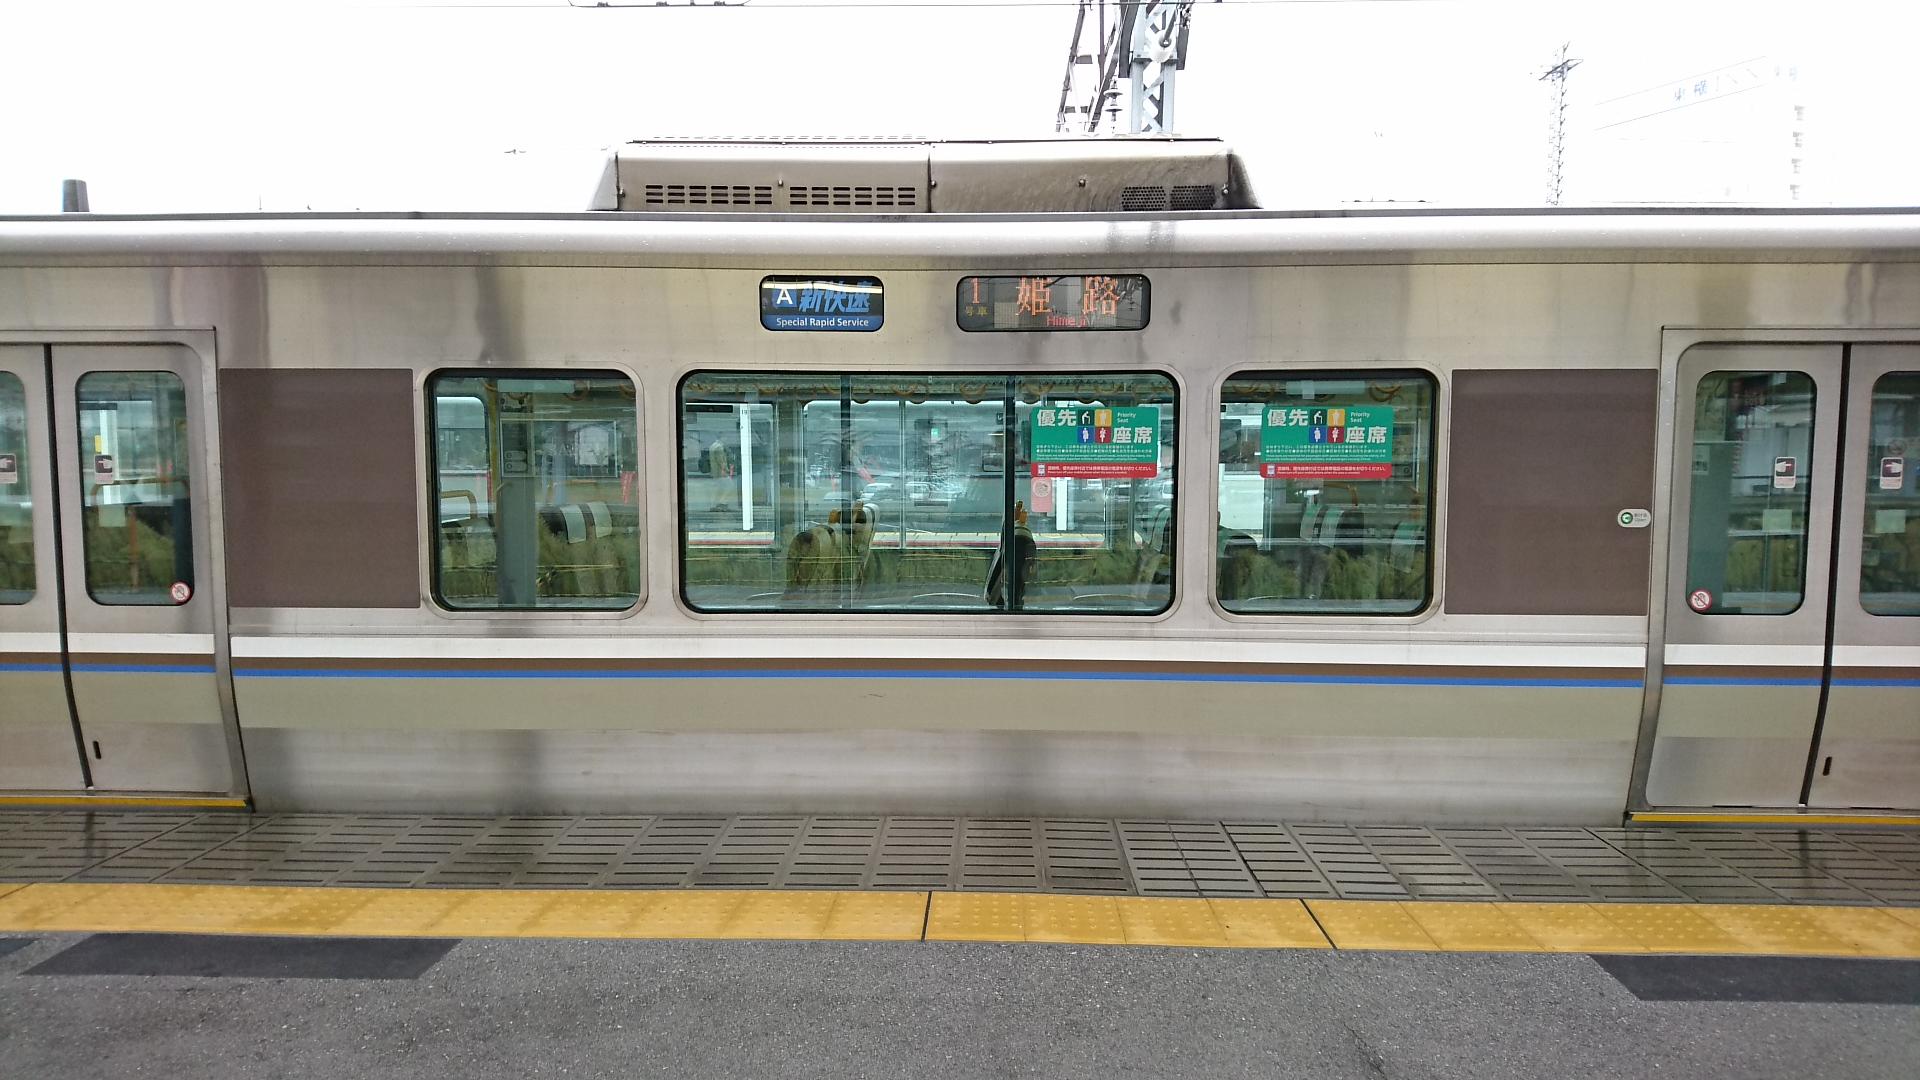 2017.10.7 近江八幡 (2) 米原 - 姫路いき新快速 1920-1080